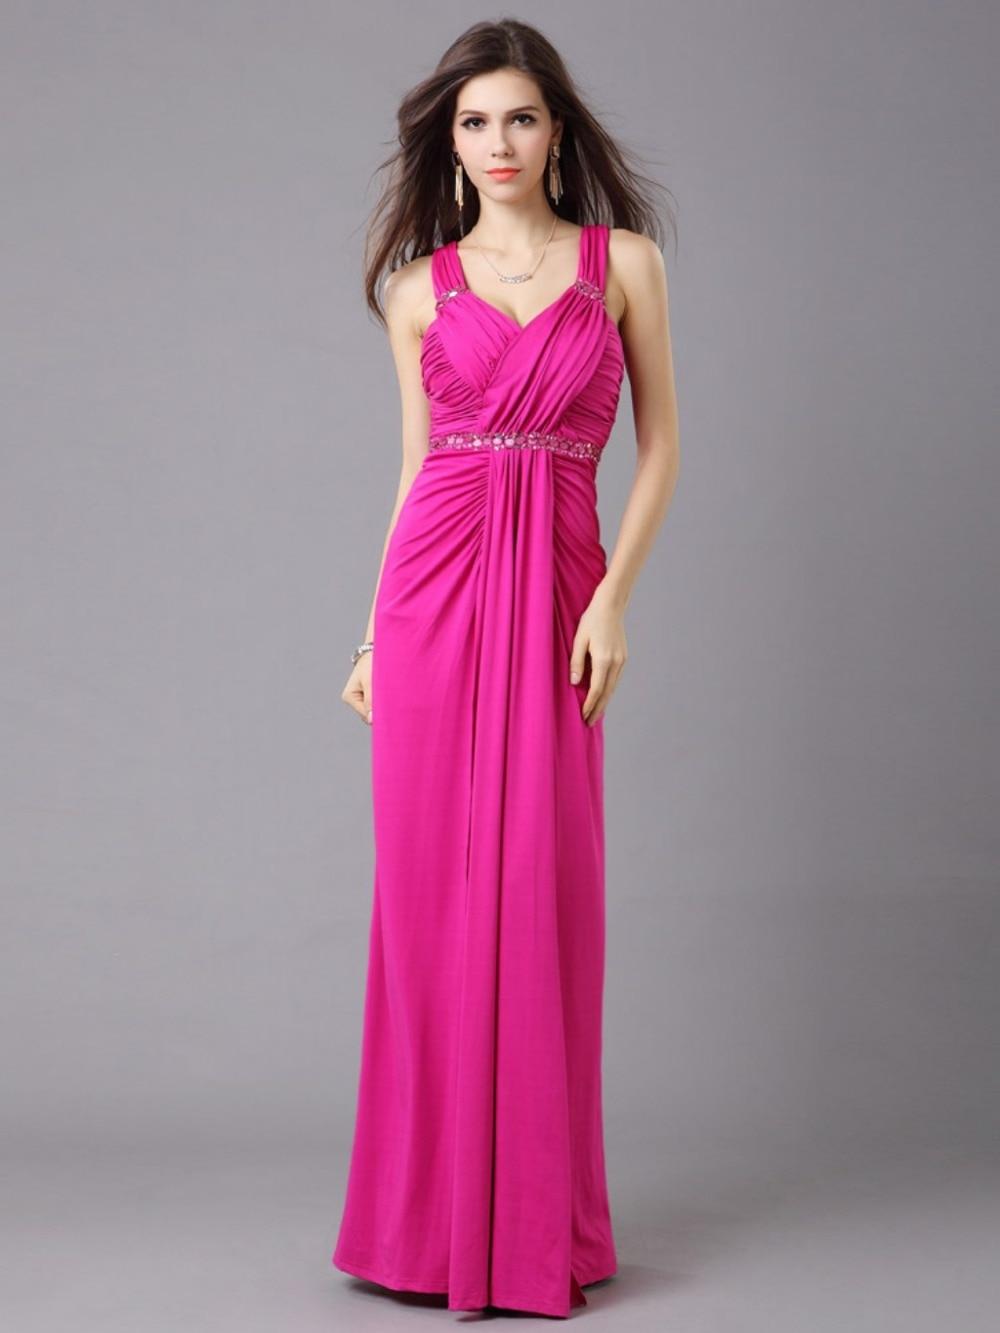 Asombroso Vestidos De Graduación De Moda Embellecimiento - Ideas de ...